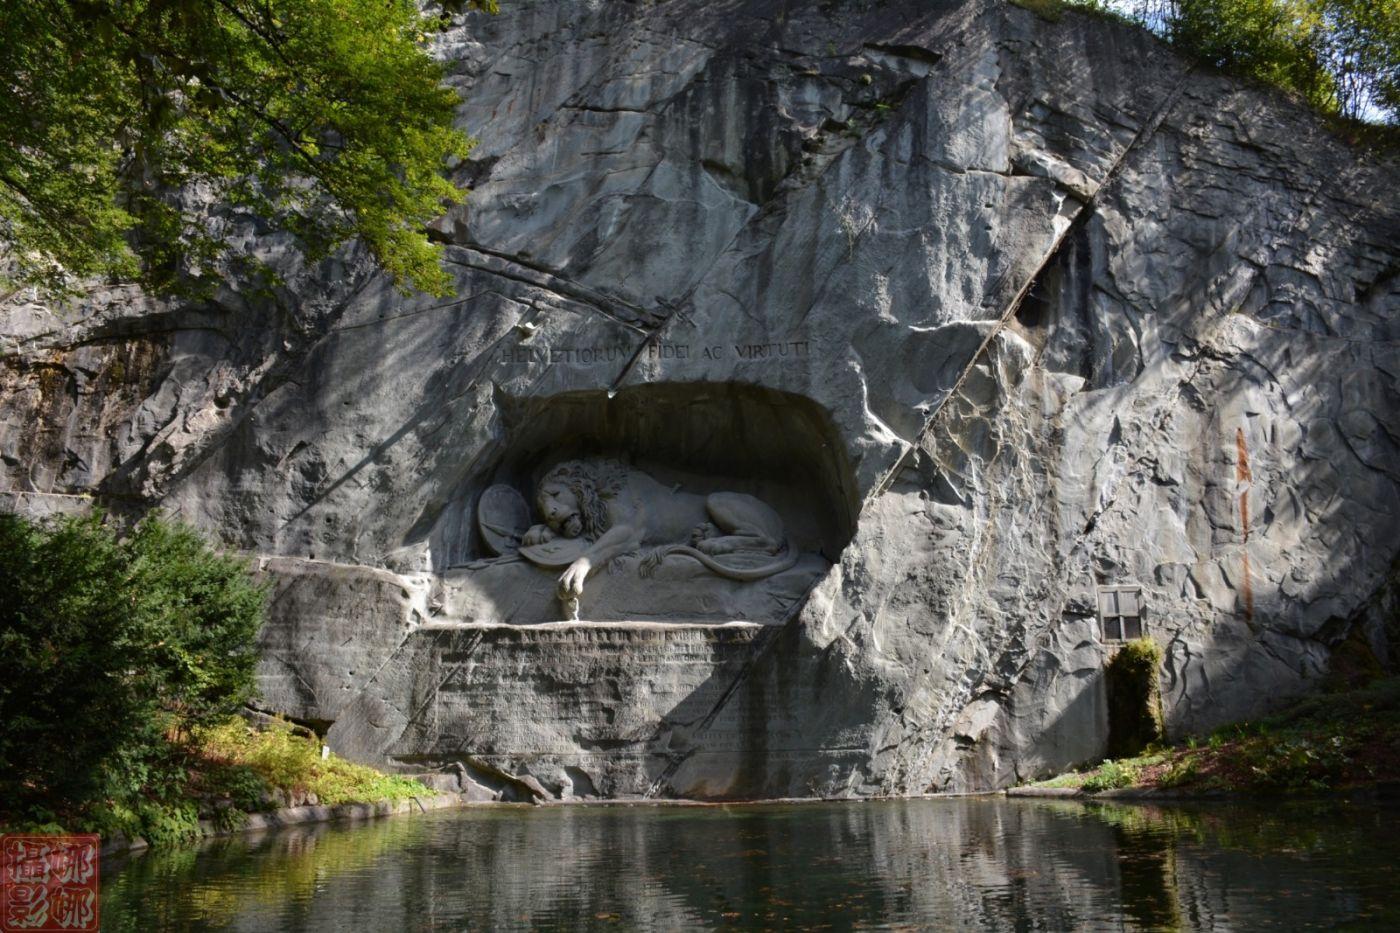 瑞士卢塞恩湖畔风光(一)_图1-2